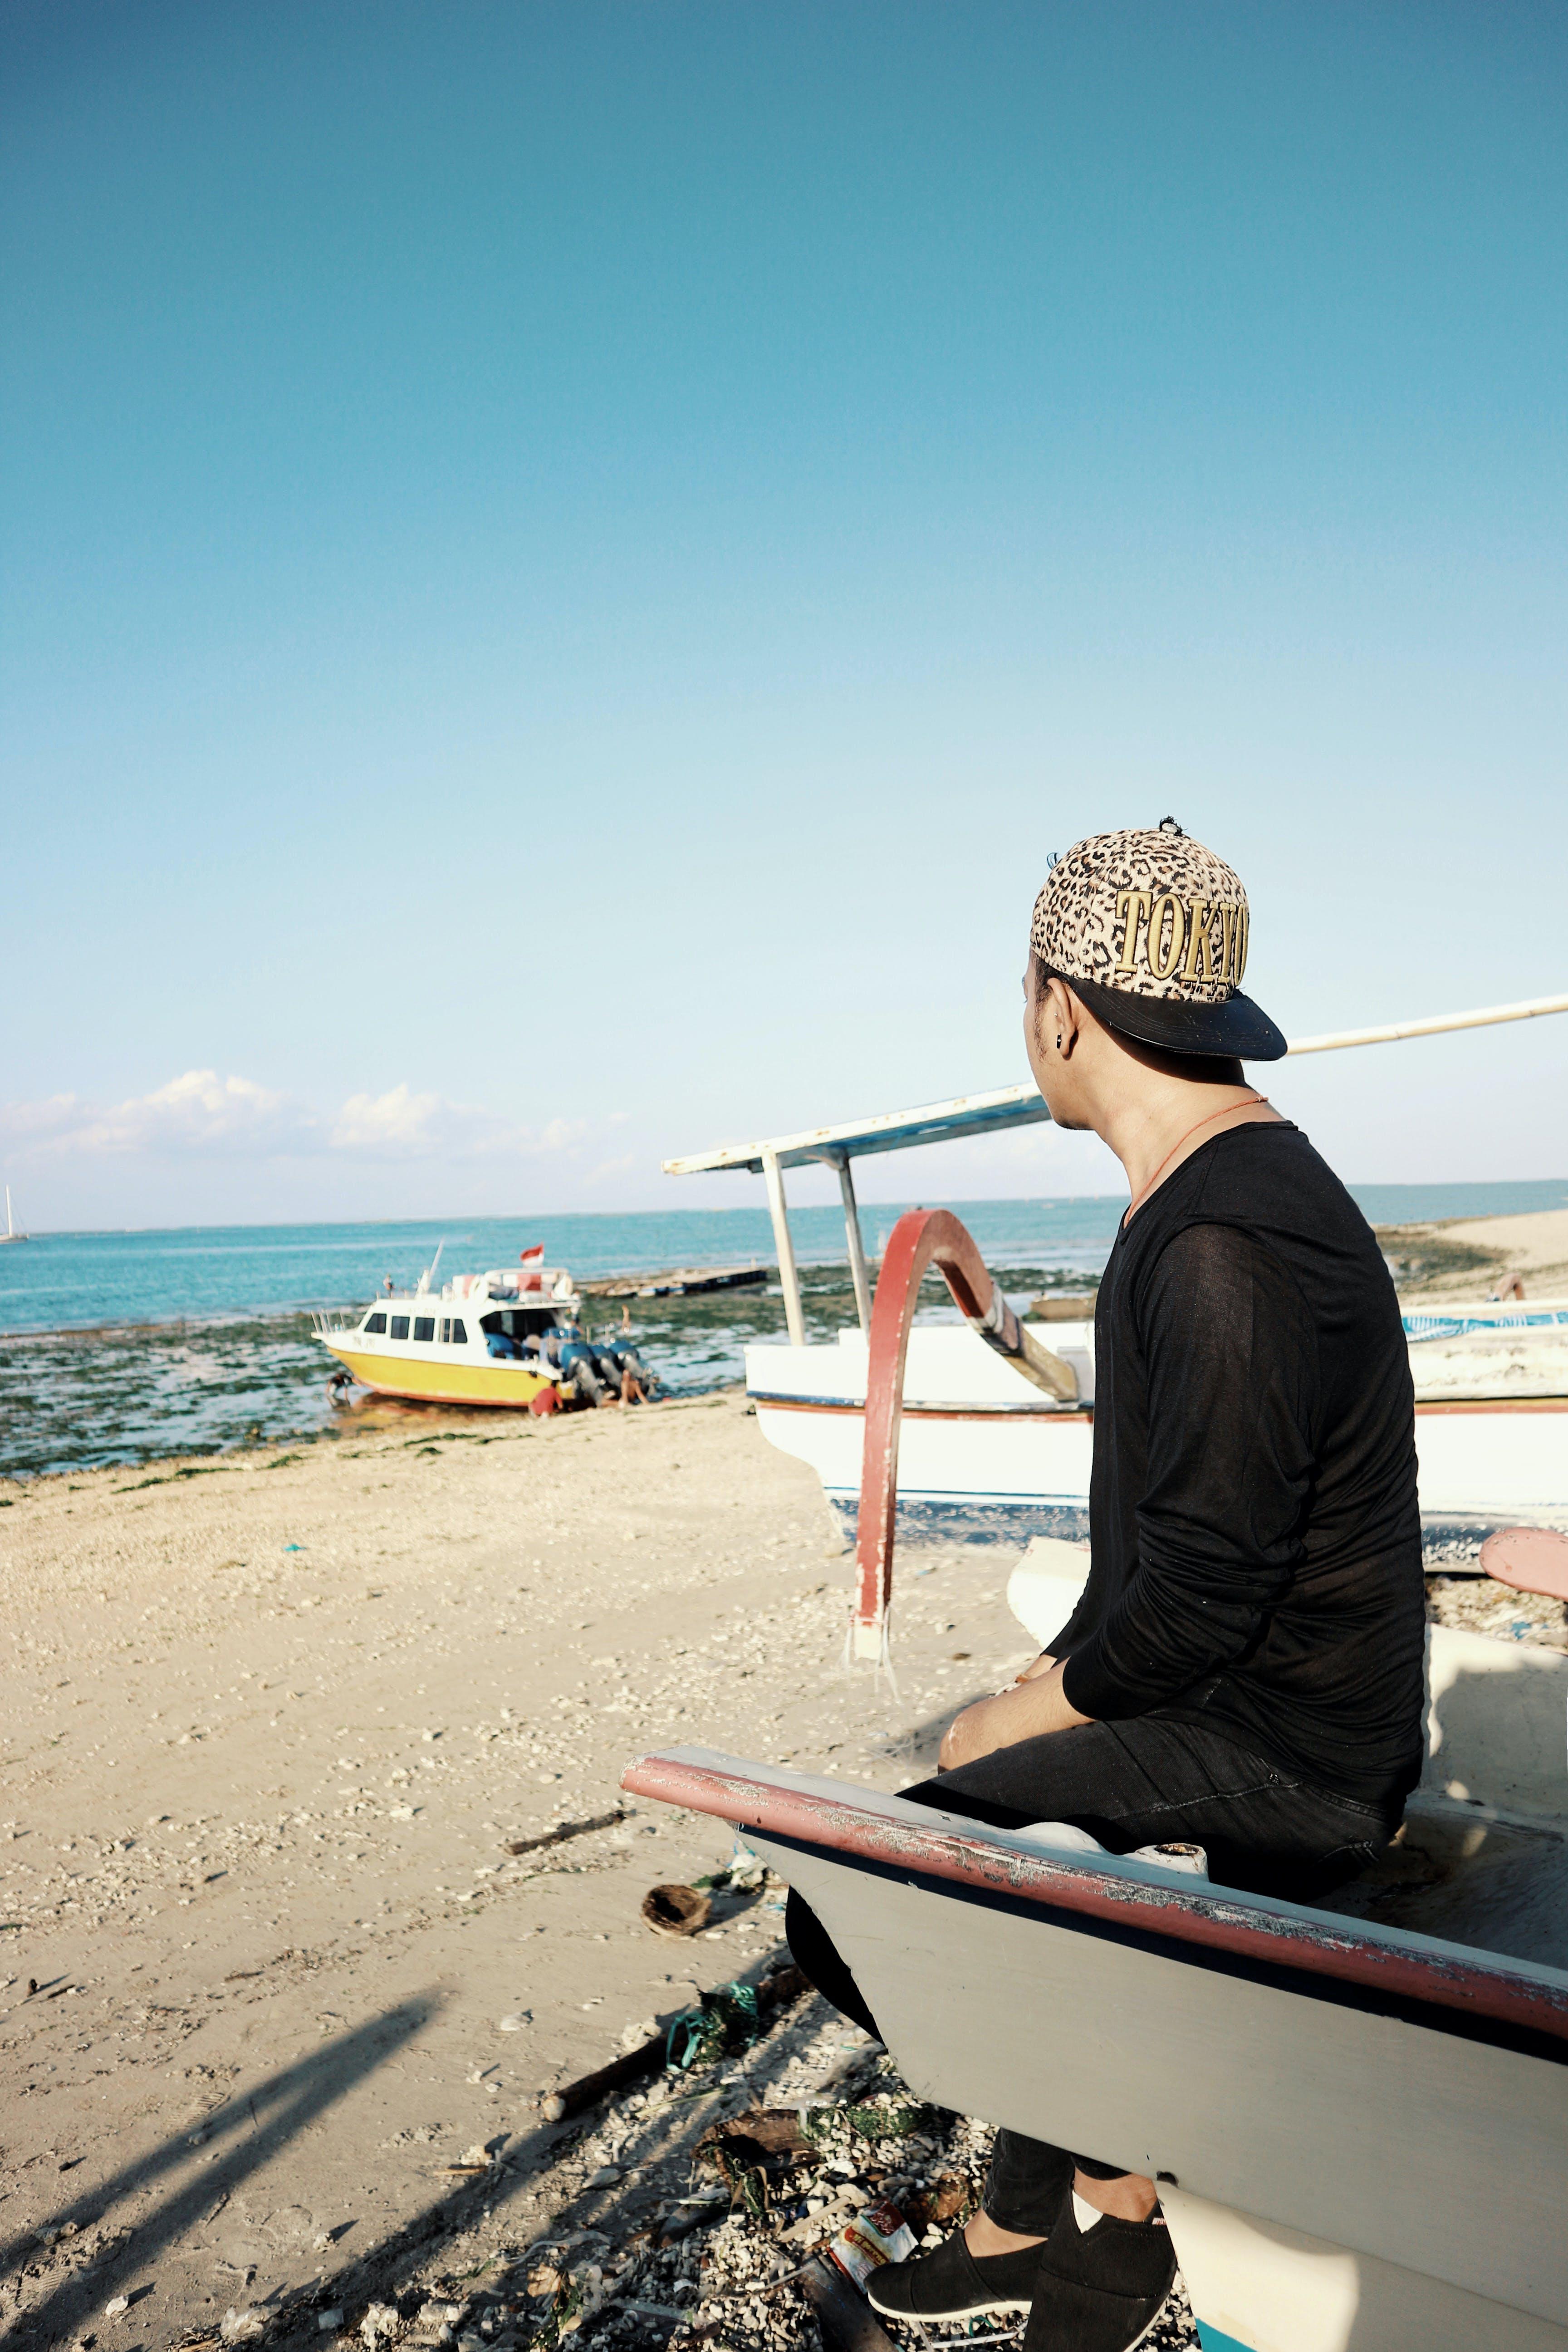 남자, 모래, 바다, 발리의 무료 스톡 사진